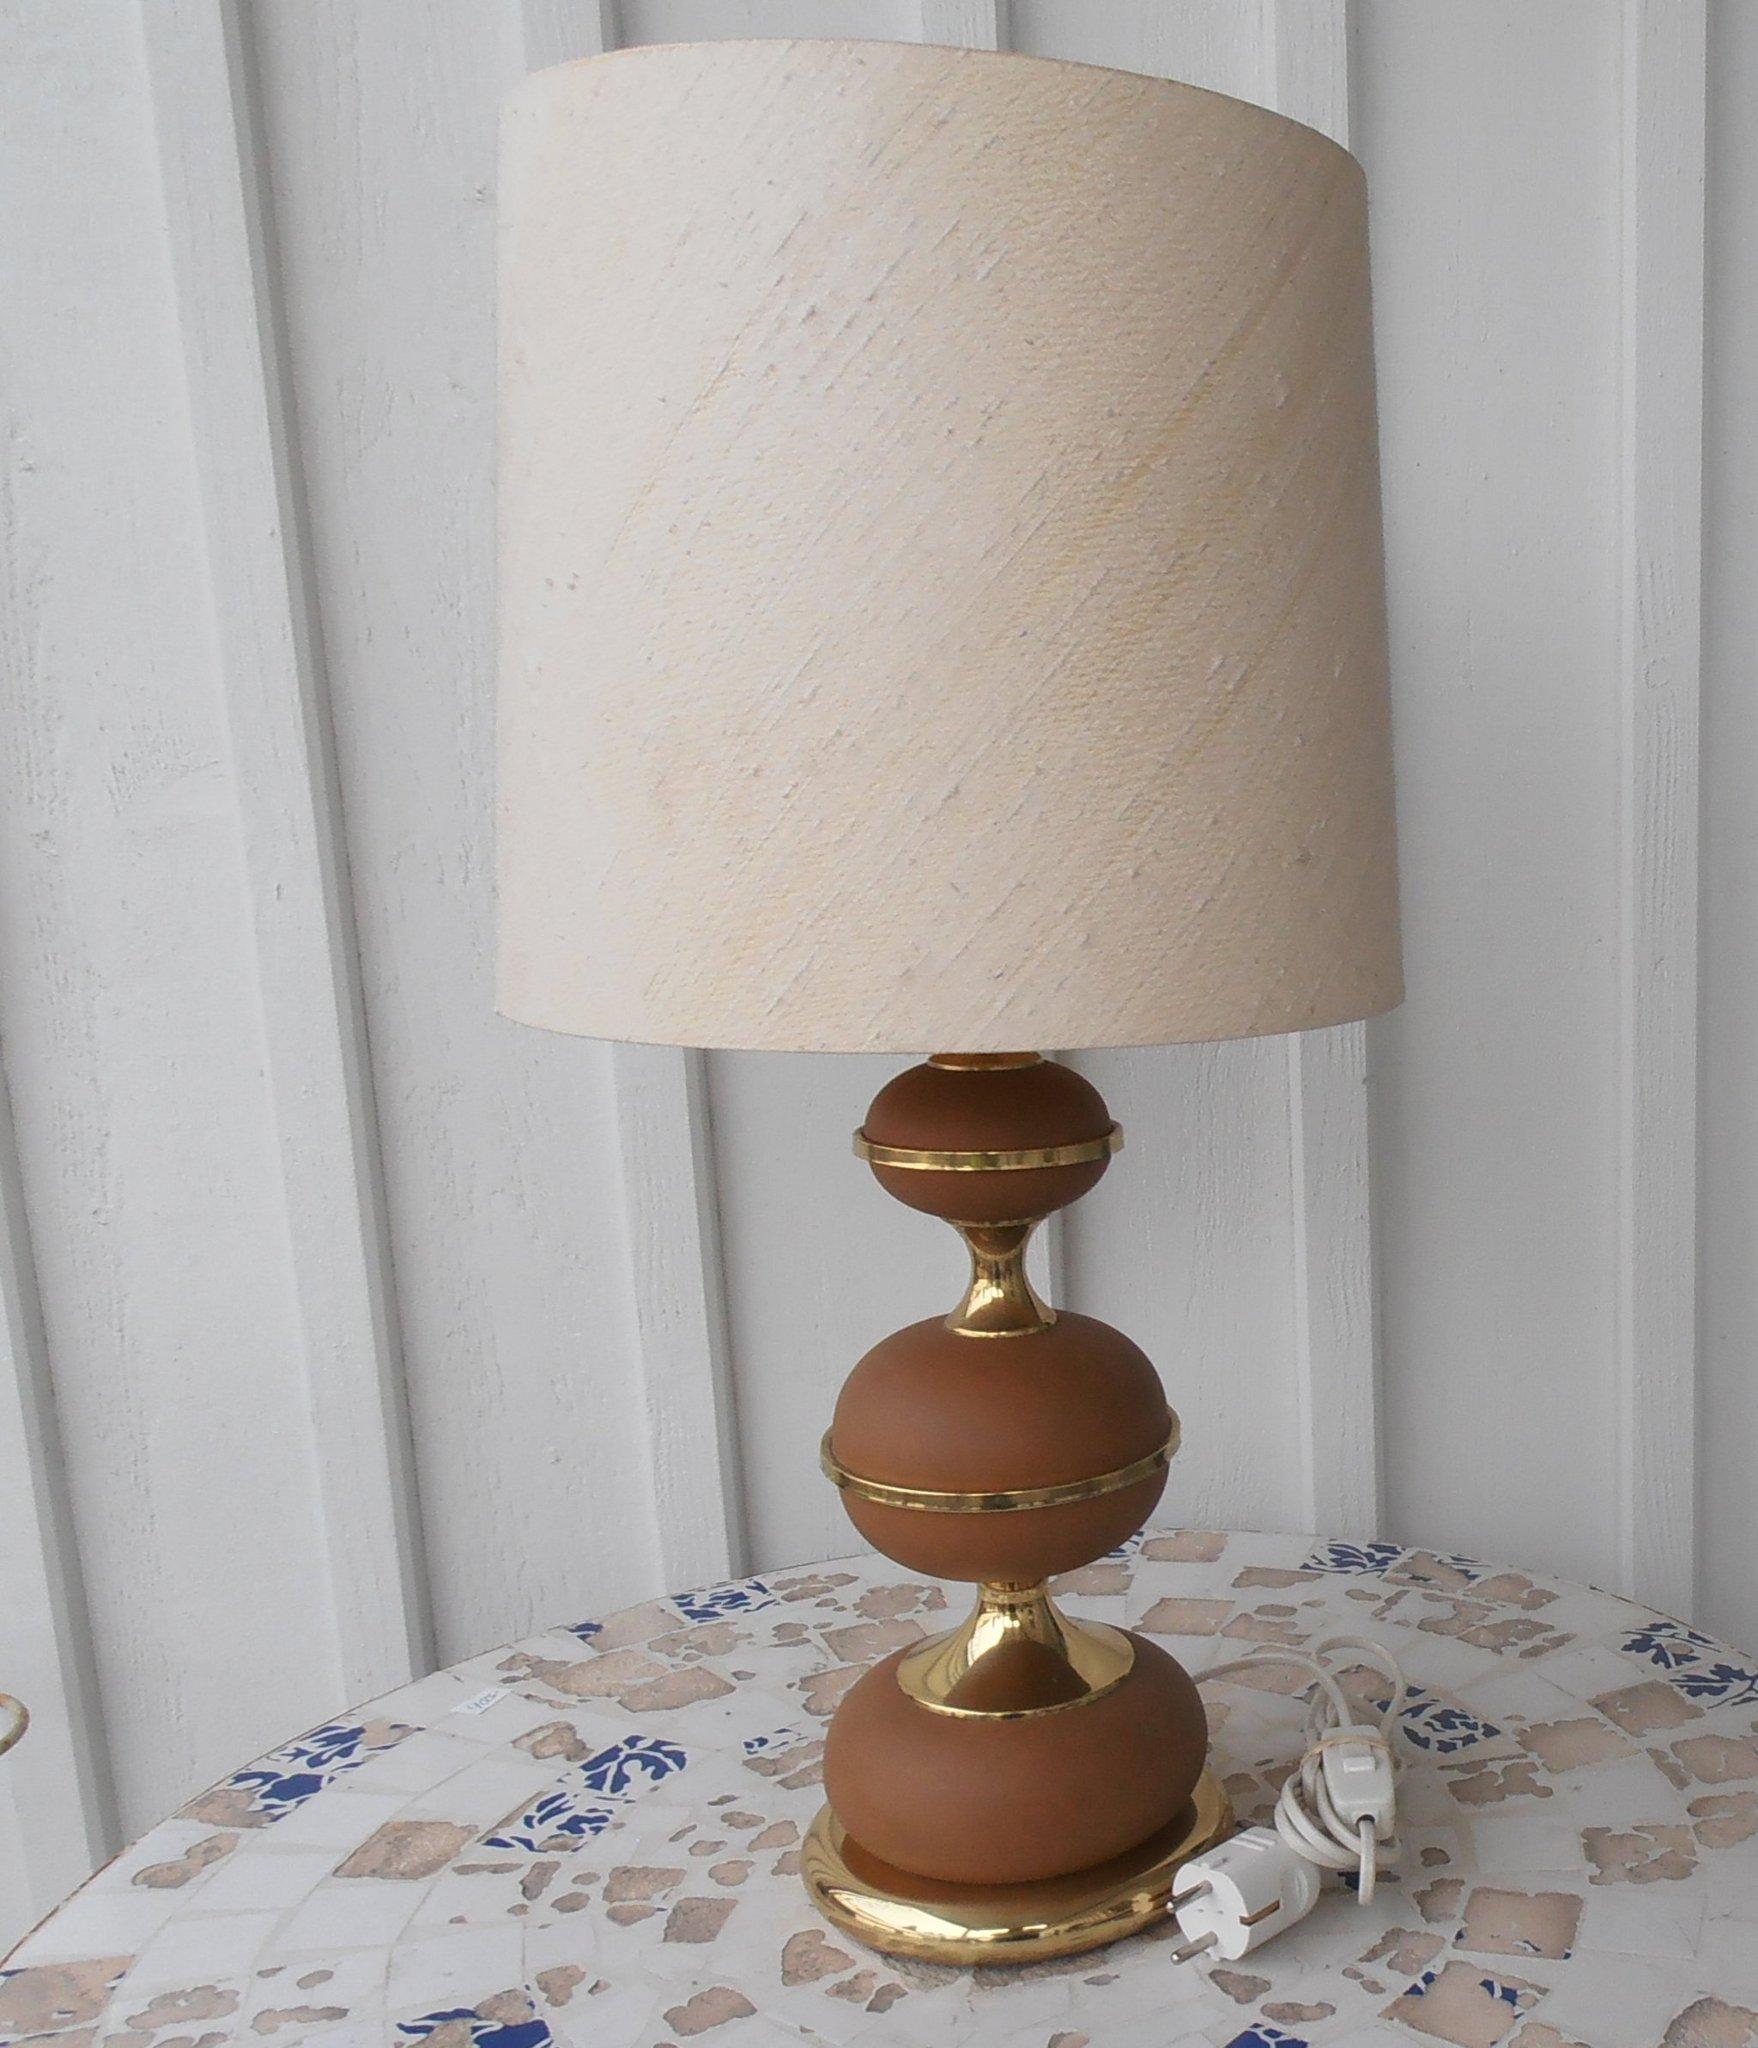 BORDSLAMPA KULFORMAD FOT MÄSSING GALONKLÄDD LAMPA 60 70 TAL DESIGN STILARMATUR